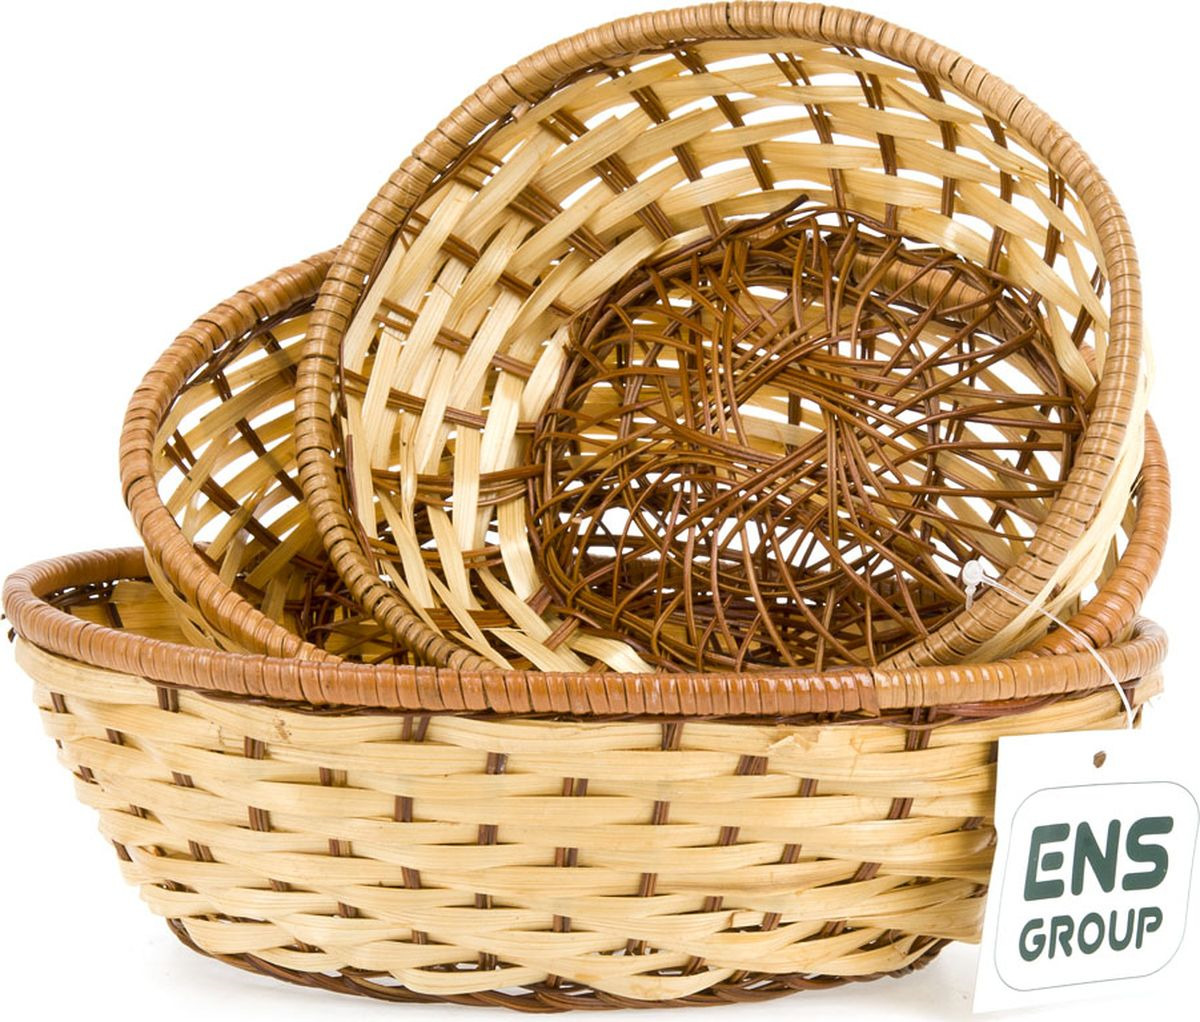 Набор корзинок ENS Group, 7930008, коричневый, 3 шт7930008Оригинальным дополнением любой кухни и праздничного стола, станет набор корзинок для продуктов. Рекомендуем!